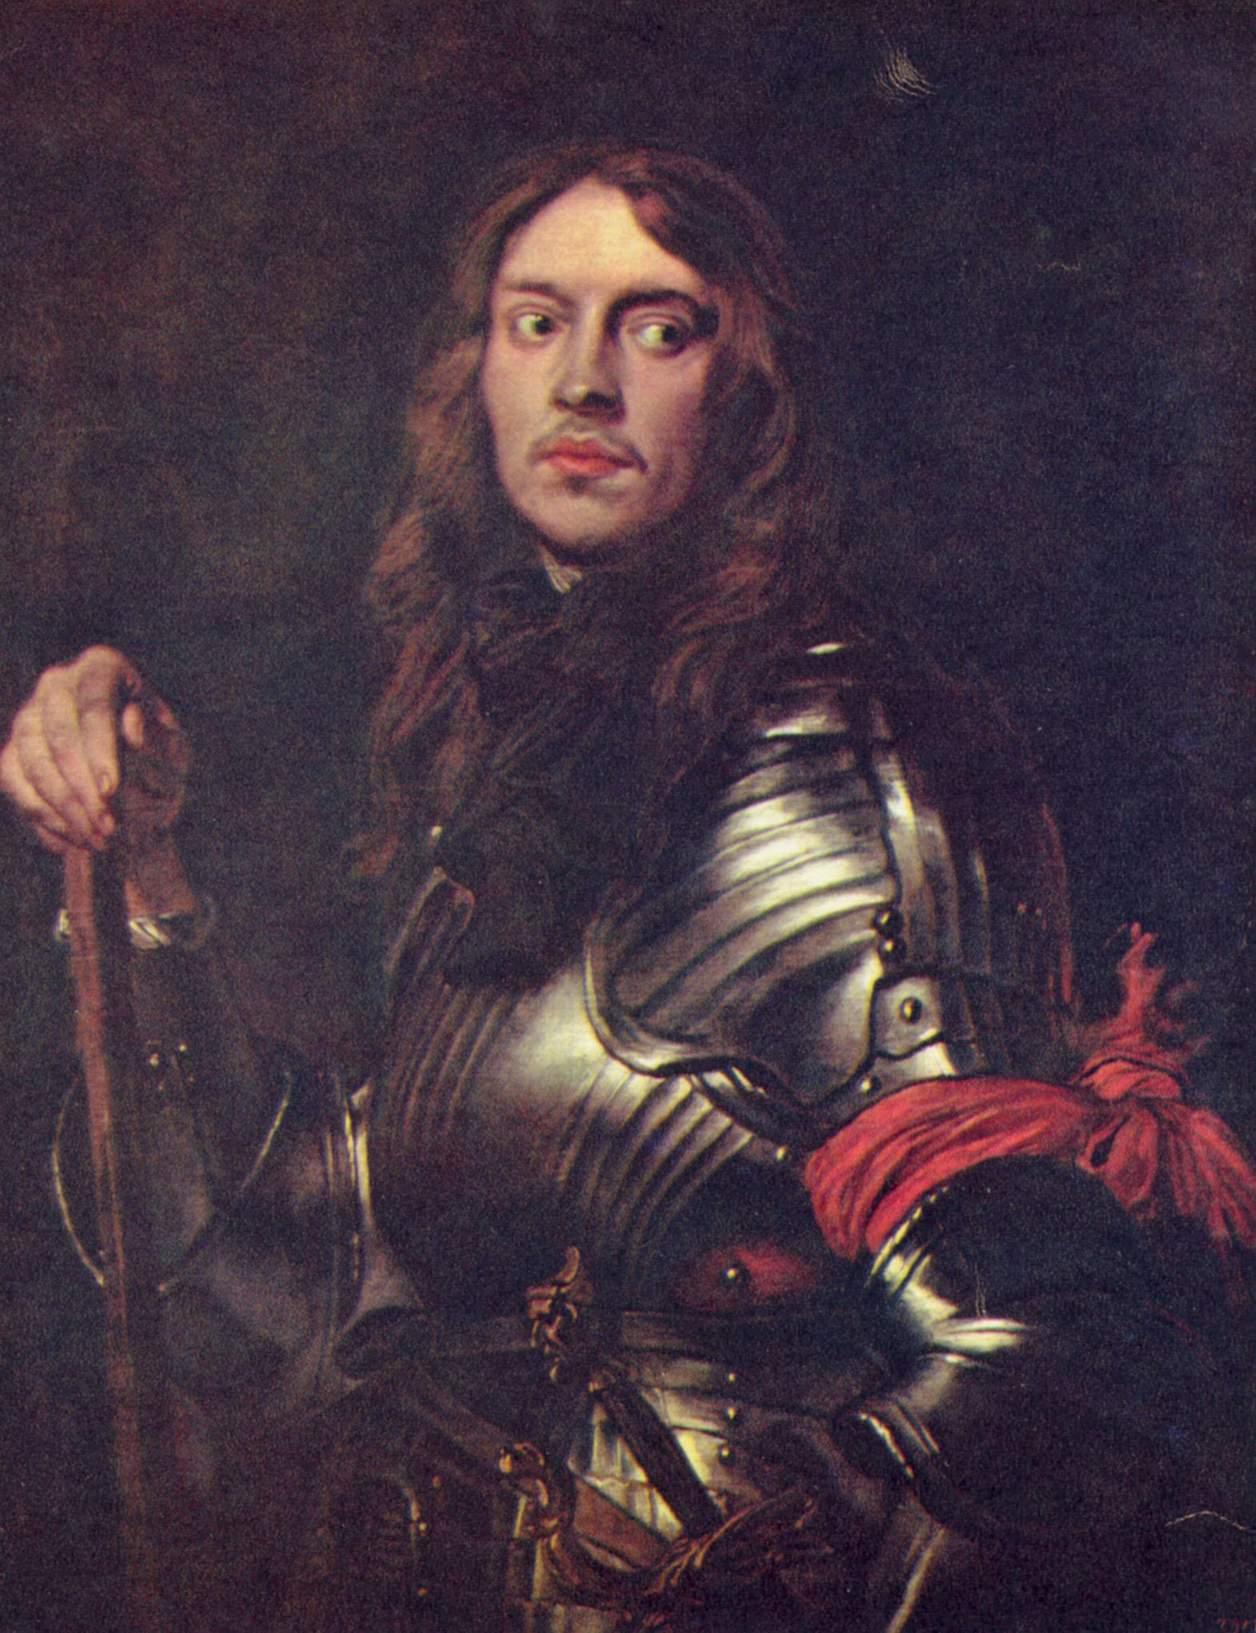 Портрет рыцаря с красной повязкой, Антонис ван Дейк